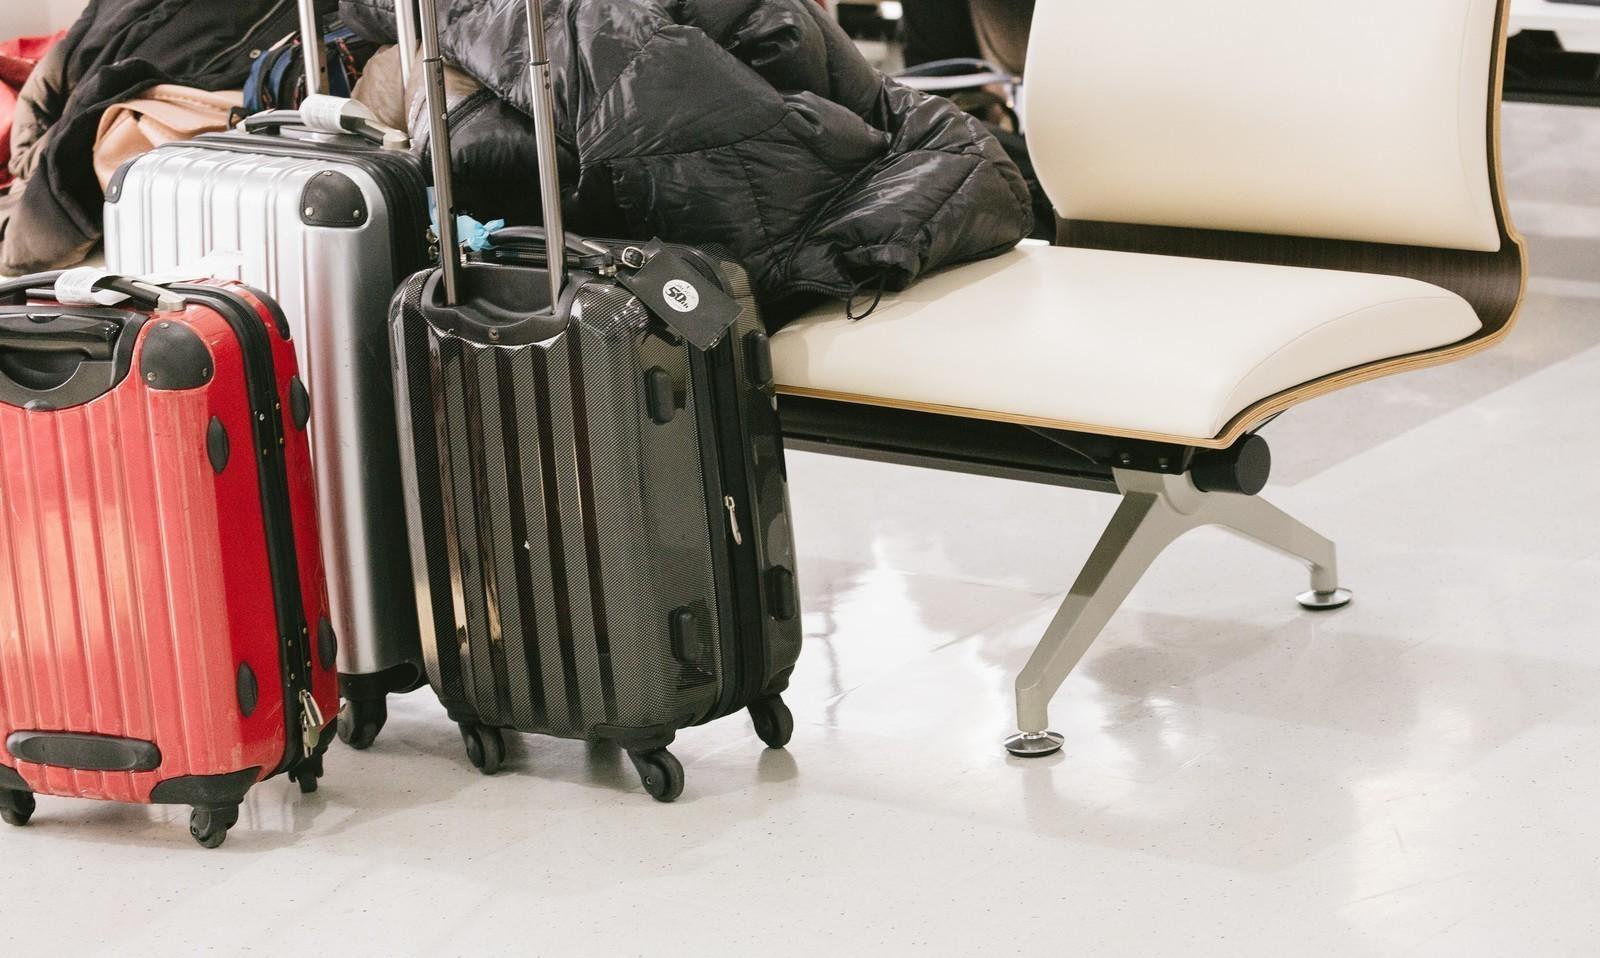 高速バス乗車時の手荷物ガイド~トランクに預けられる?サイズ規定は?